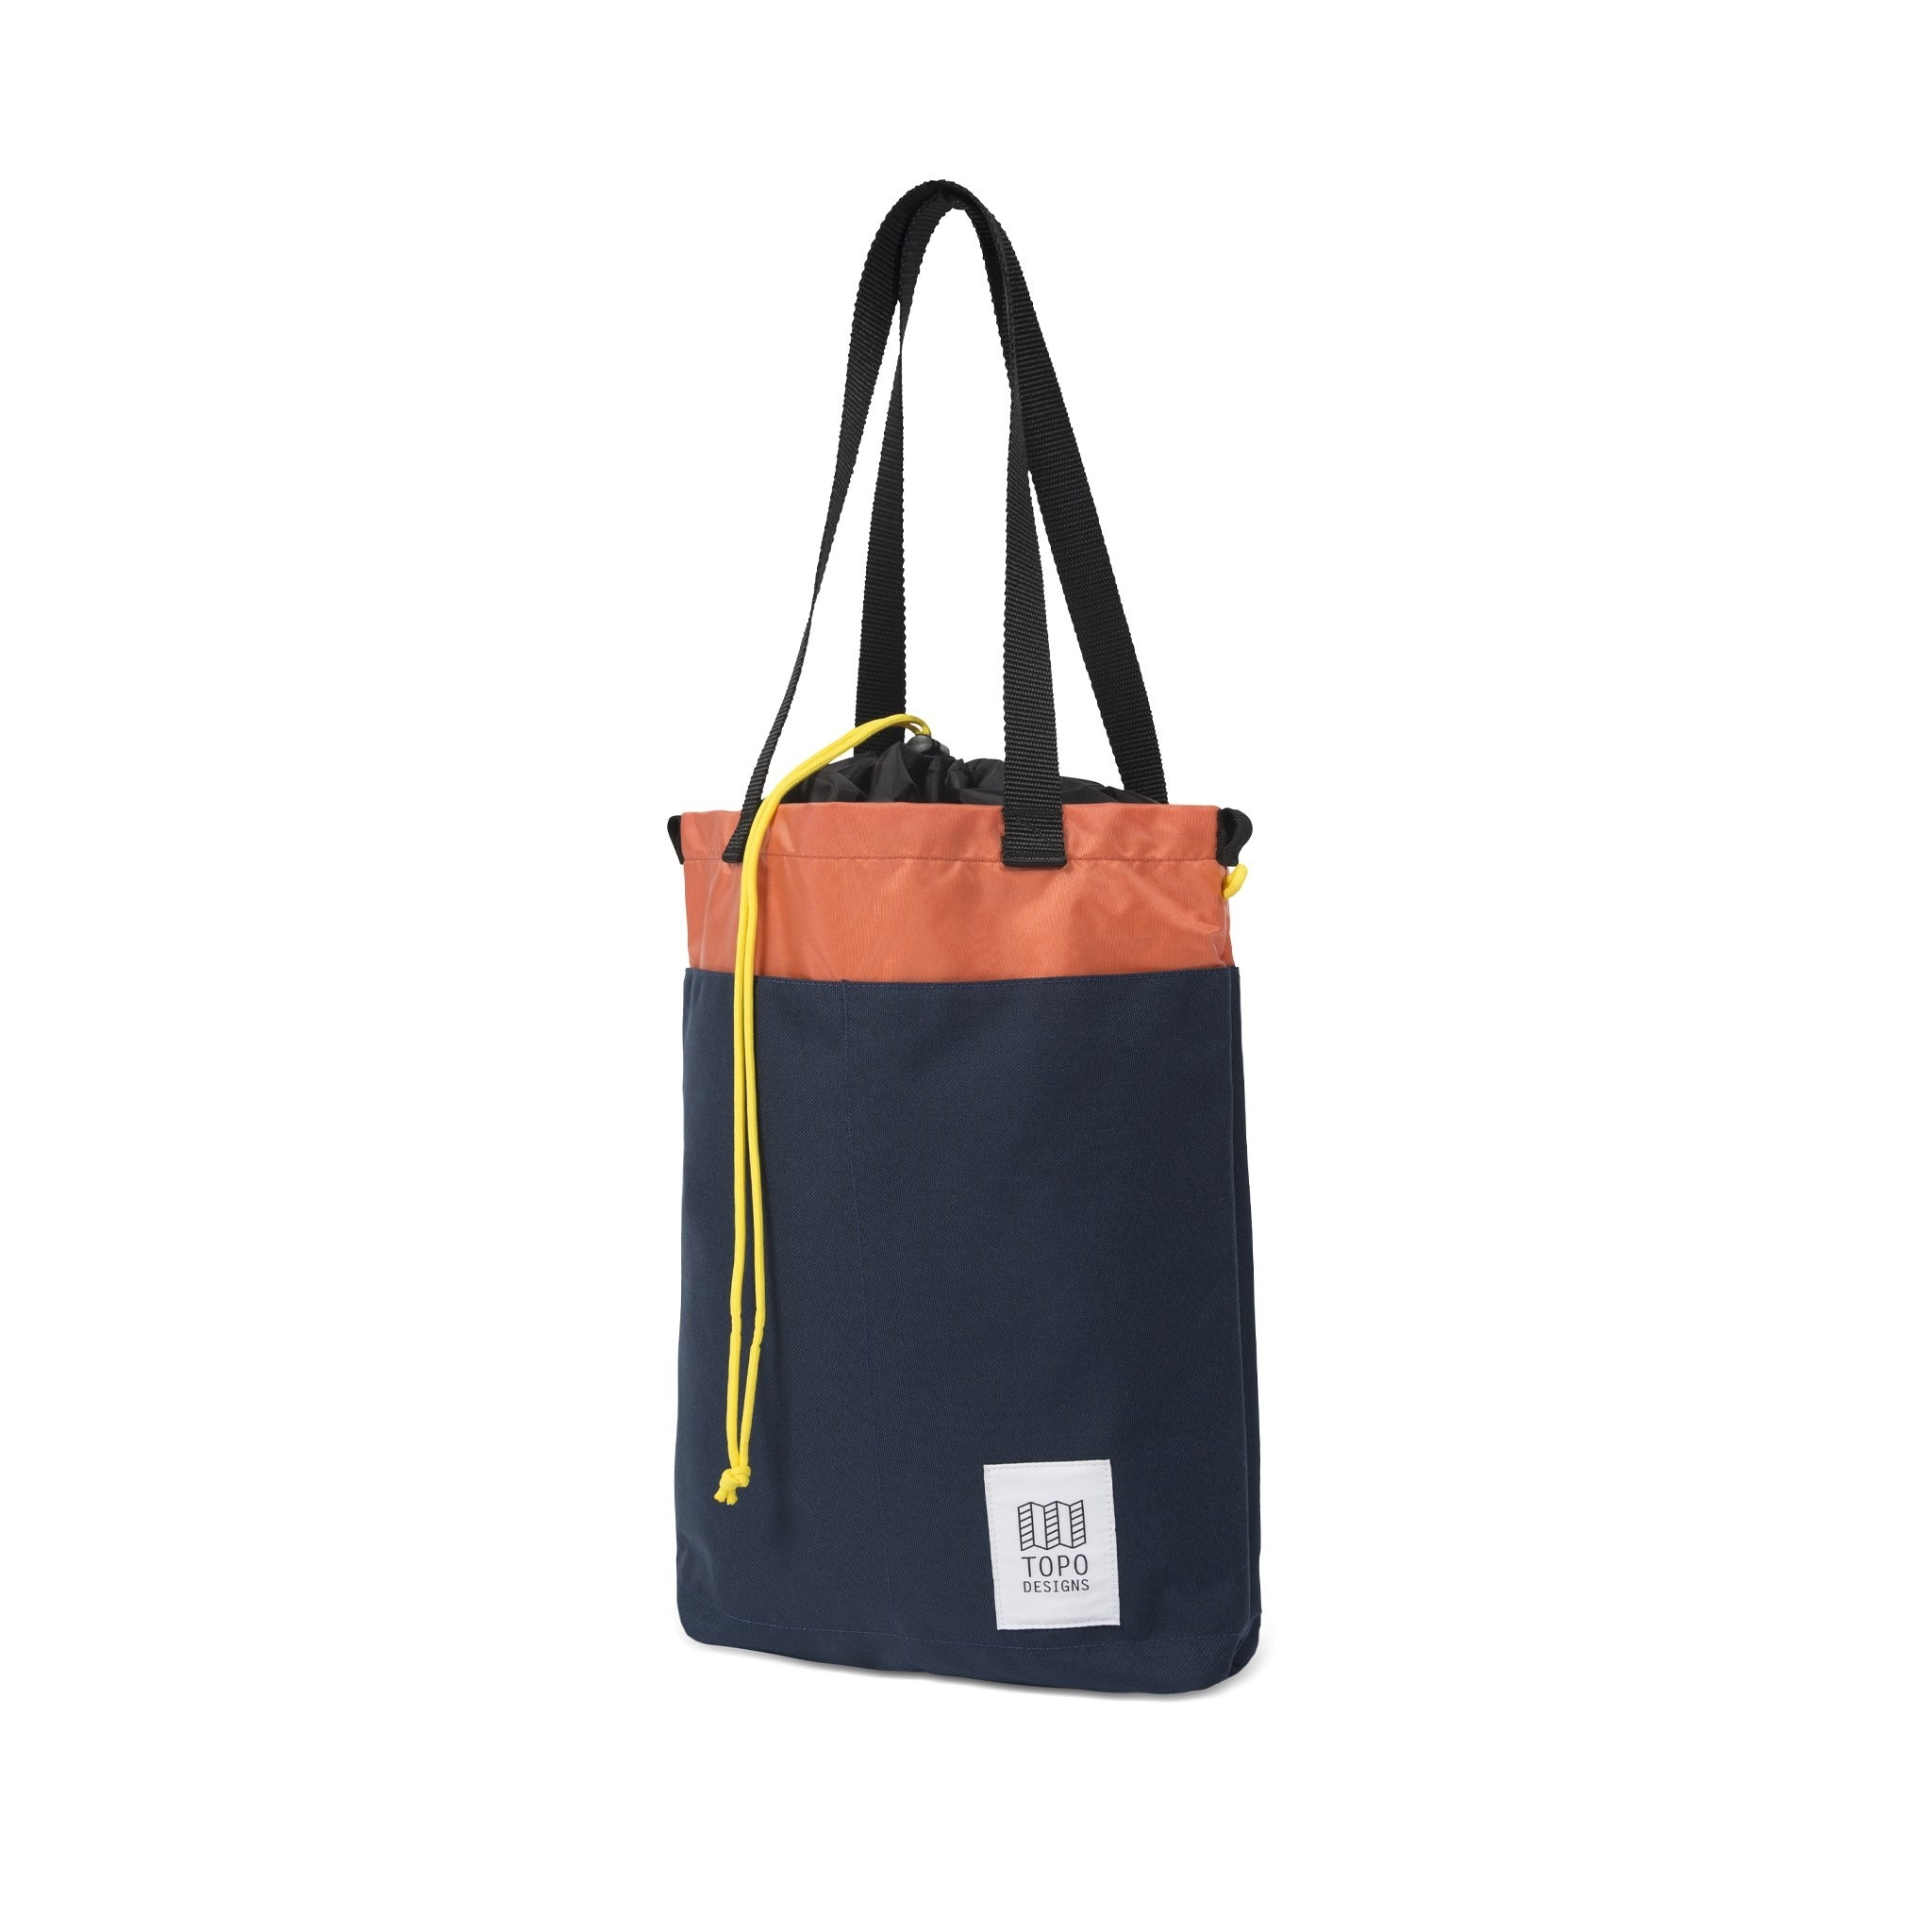 Topo Designs Cinch Tote 12L : Navy / Coral